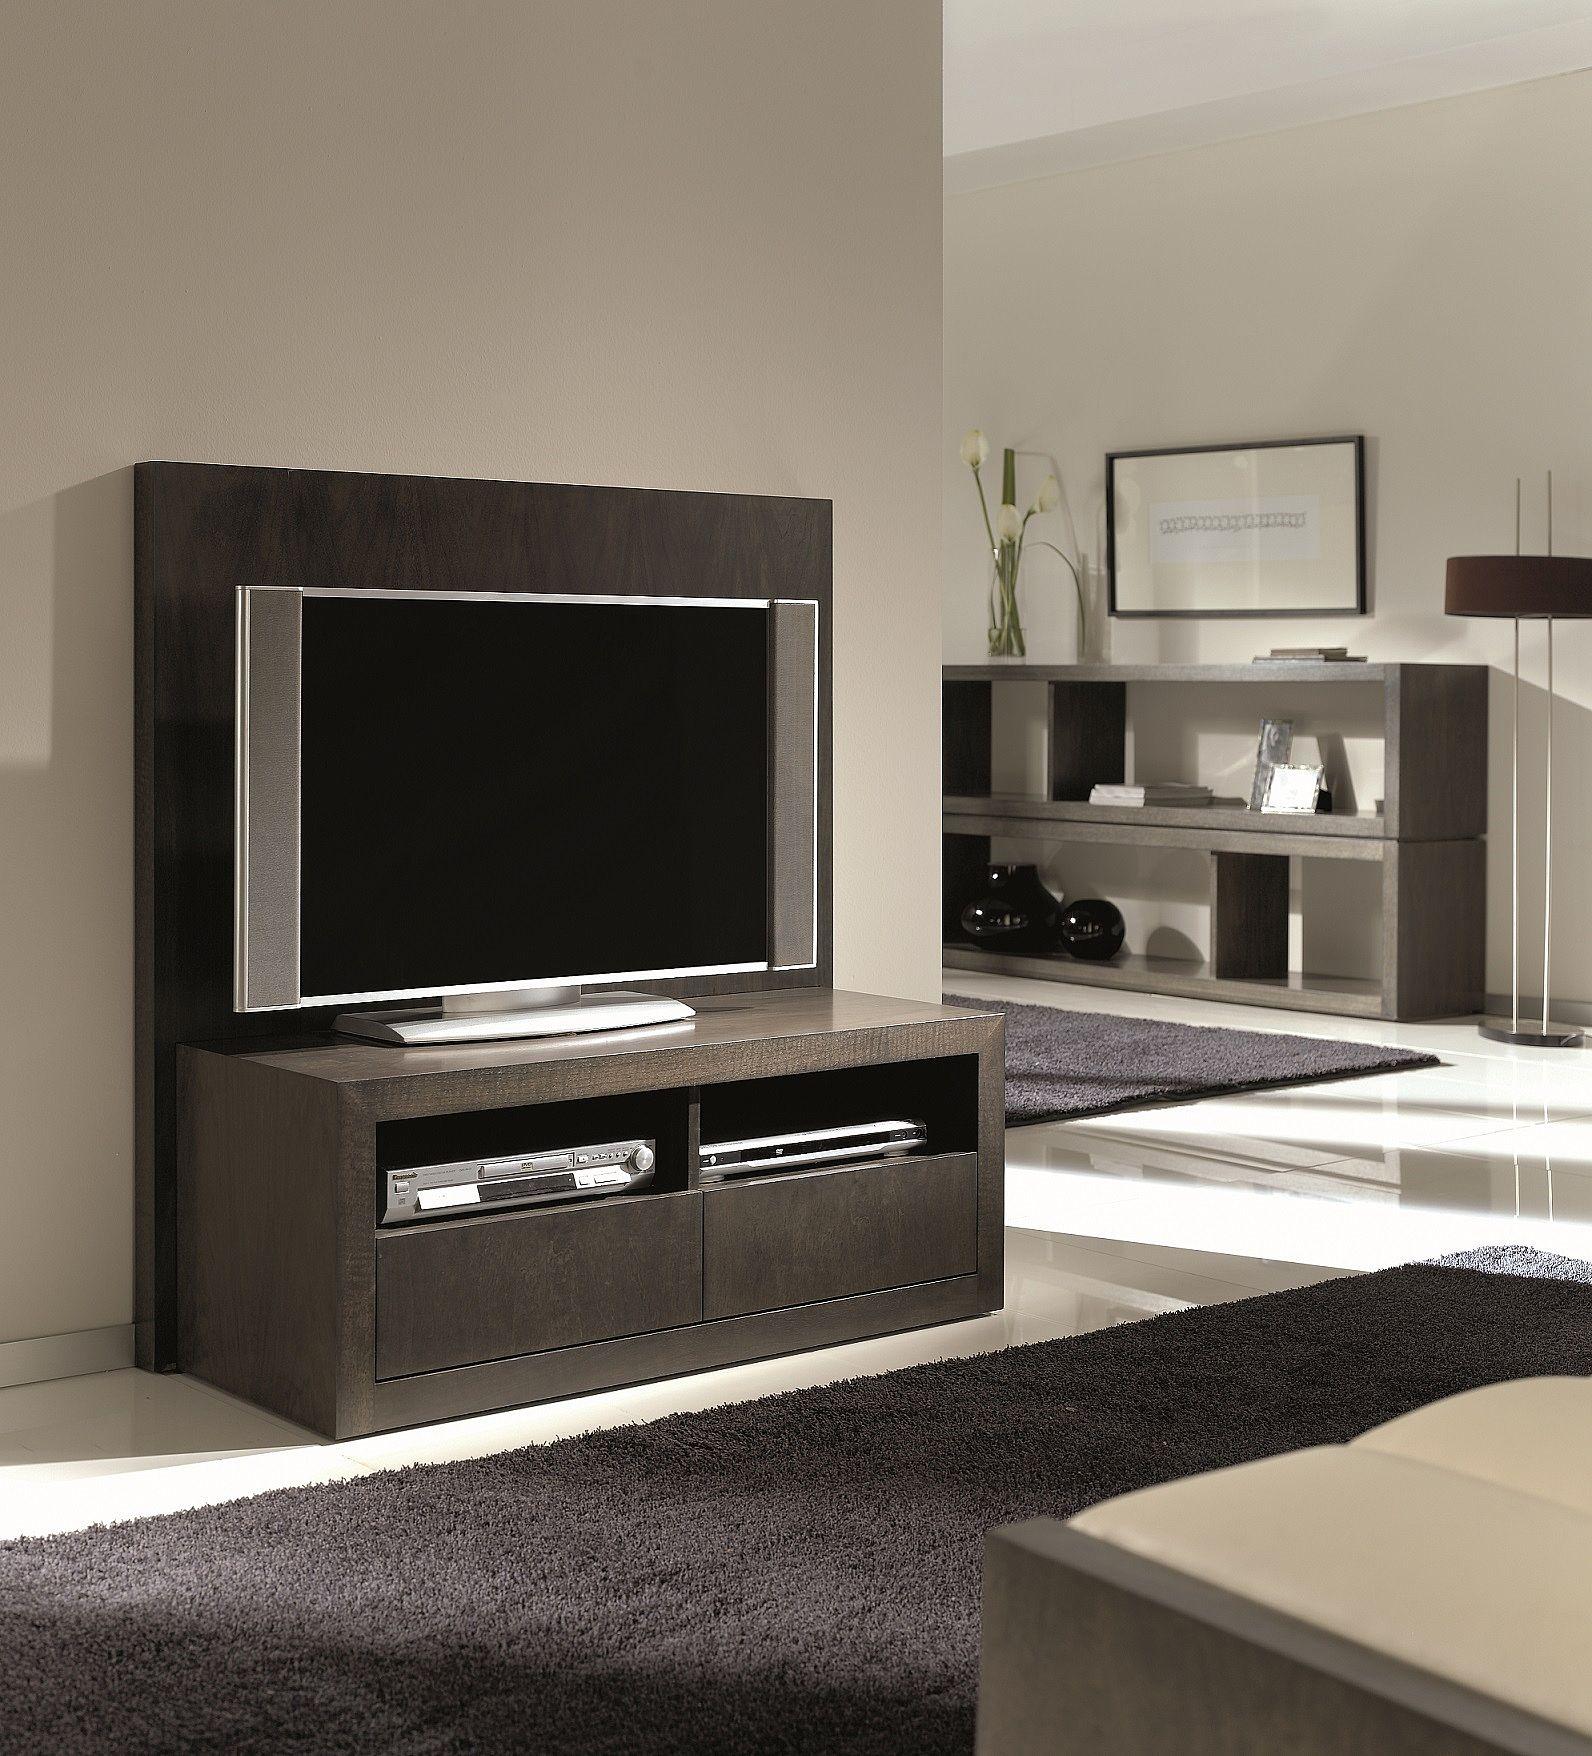 Mueble de televisi n con cajones y ruedas - Mueble tv con ruedas ...